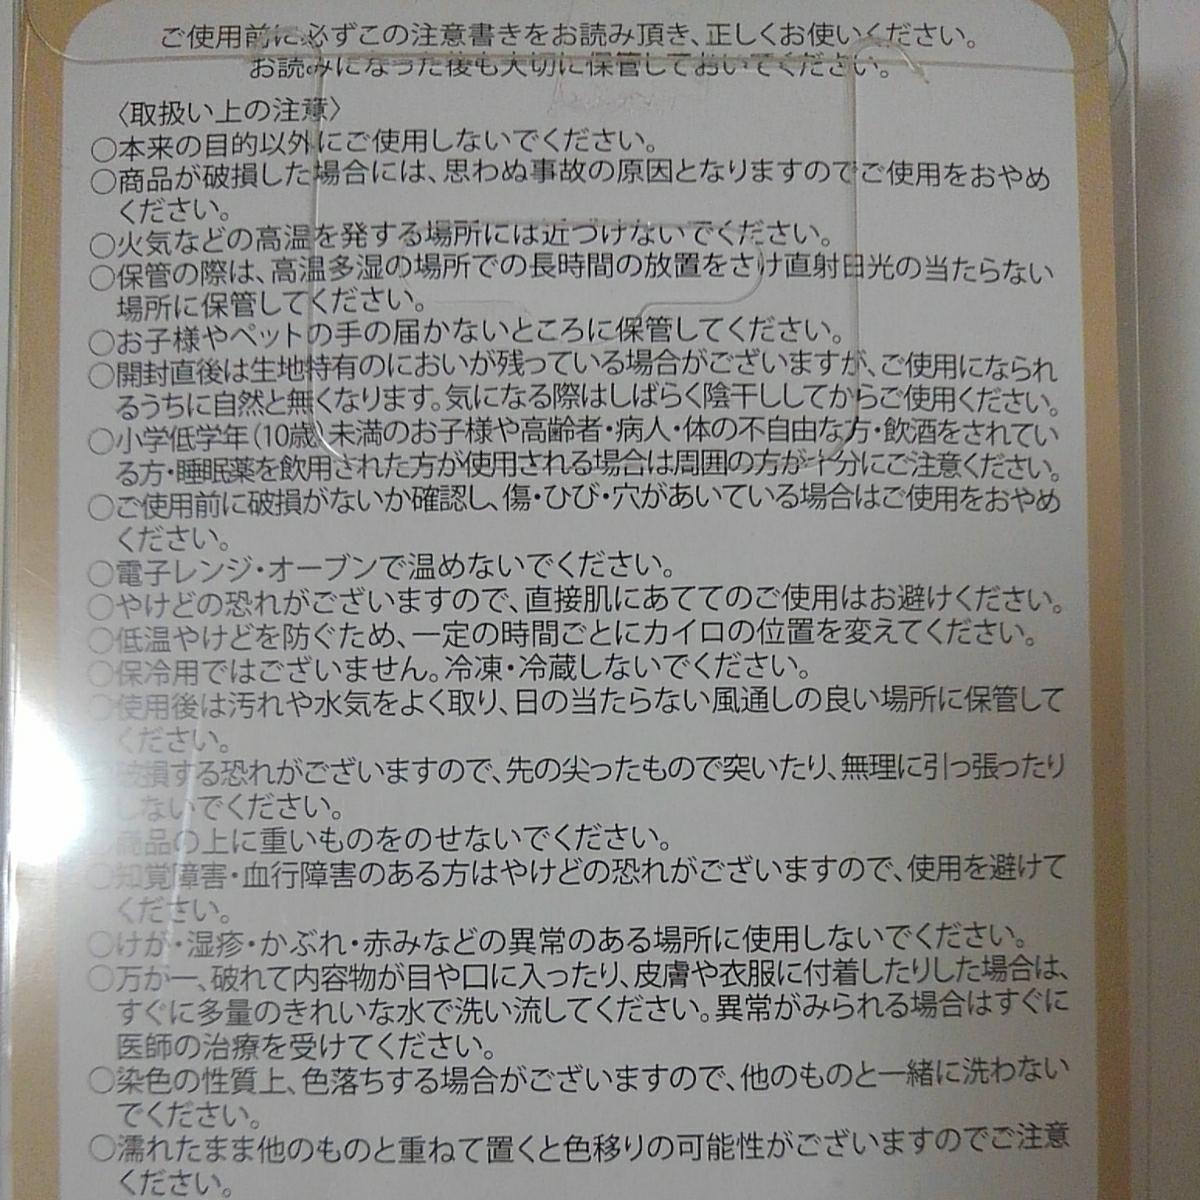 ◇雪柄ニットカバー付きミニエコカイロ 新品◇_画像4